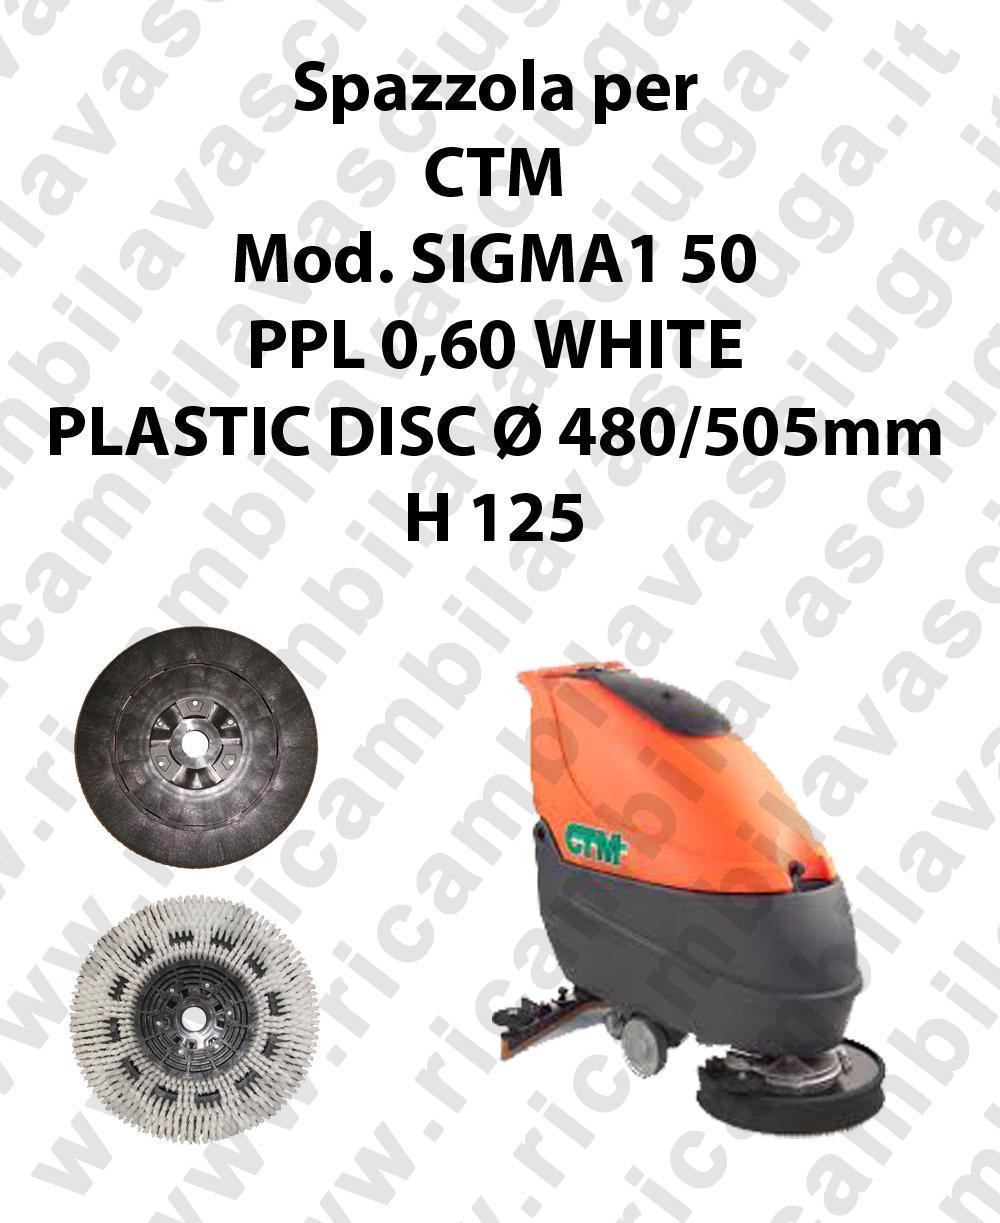 CEPILLO DE LAVADO PPL 0,60 WHITE para fregadora CTM modelo SIGMA1 50